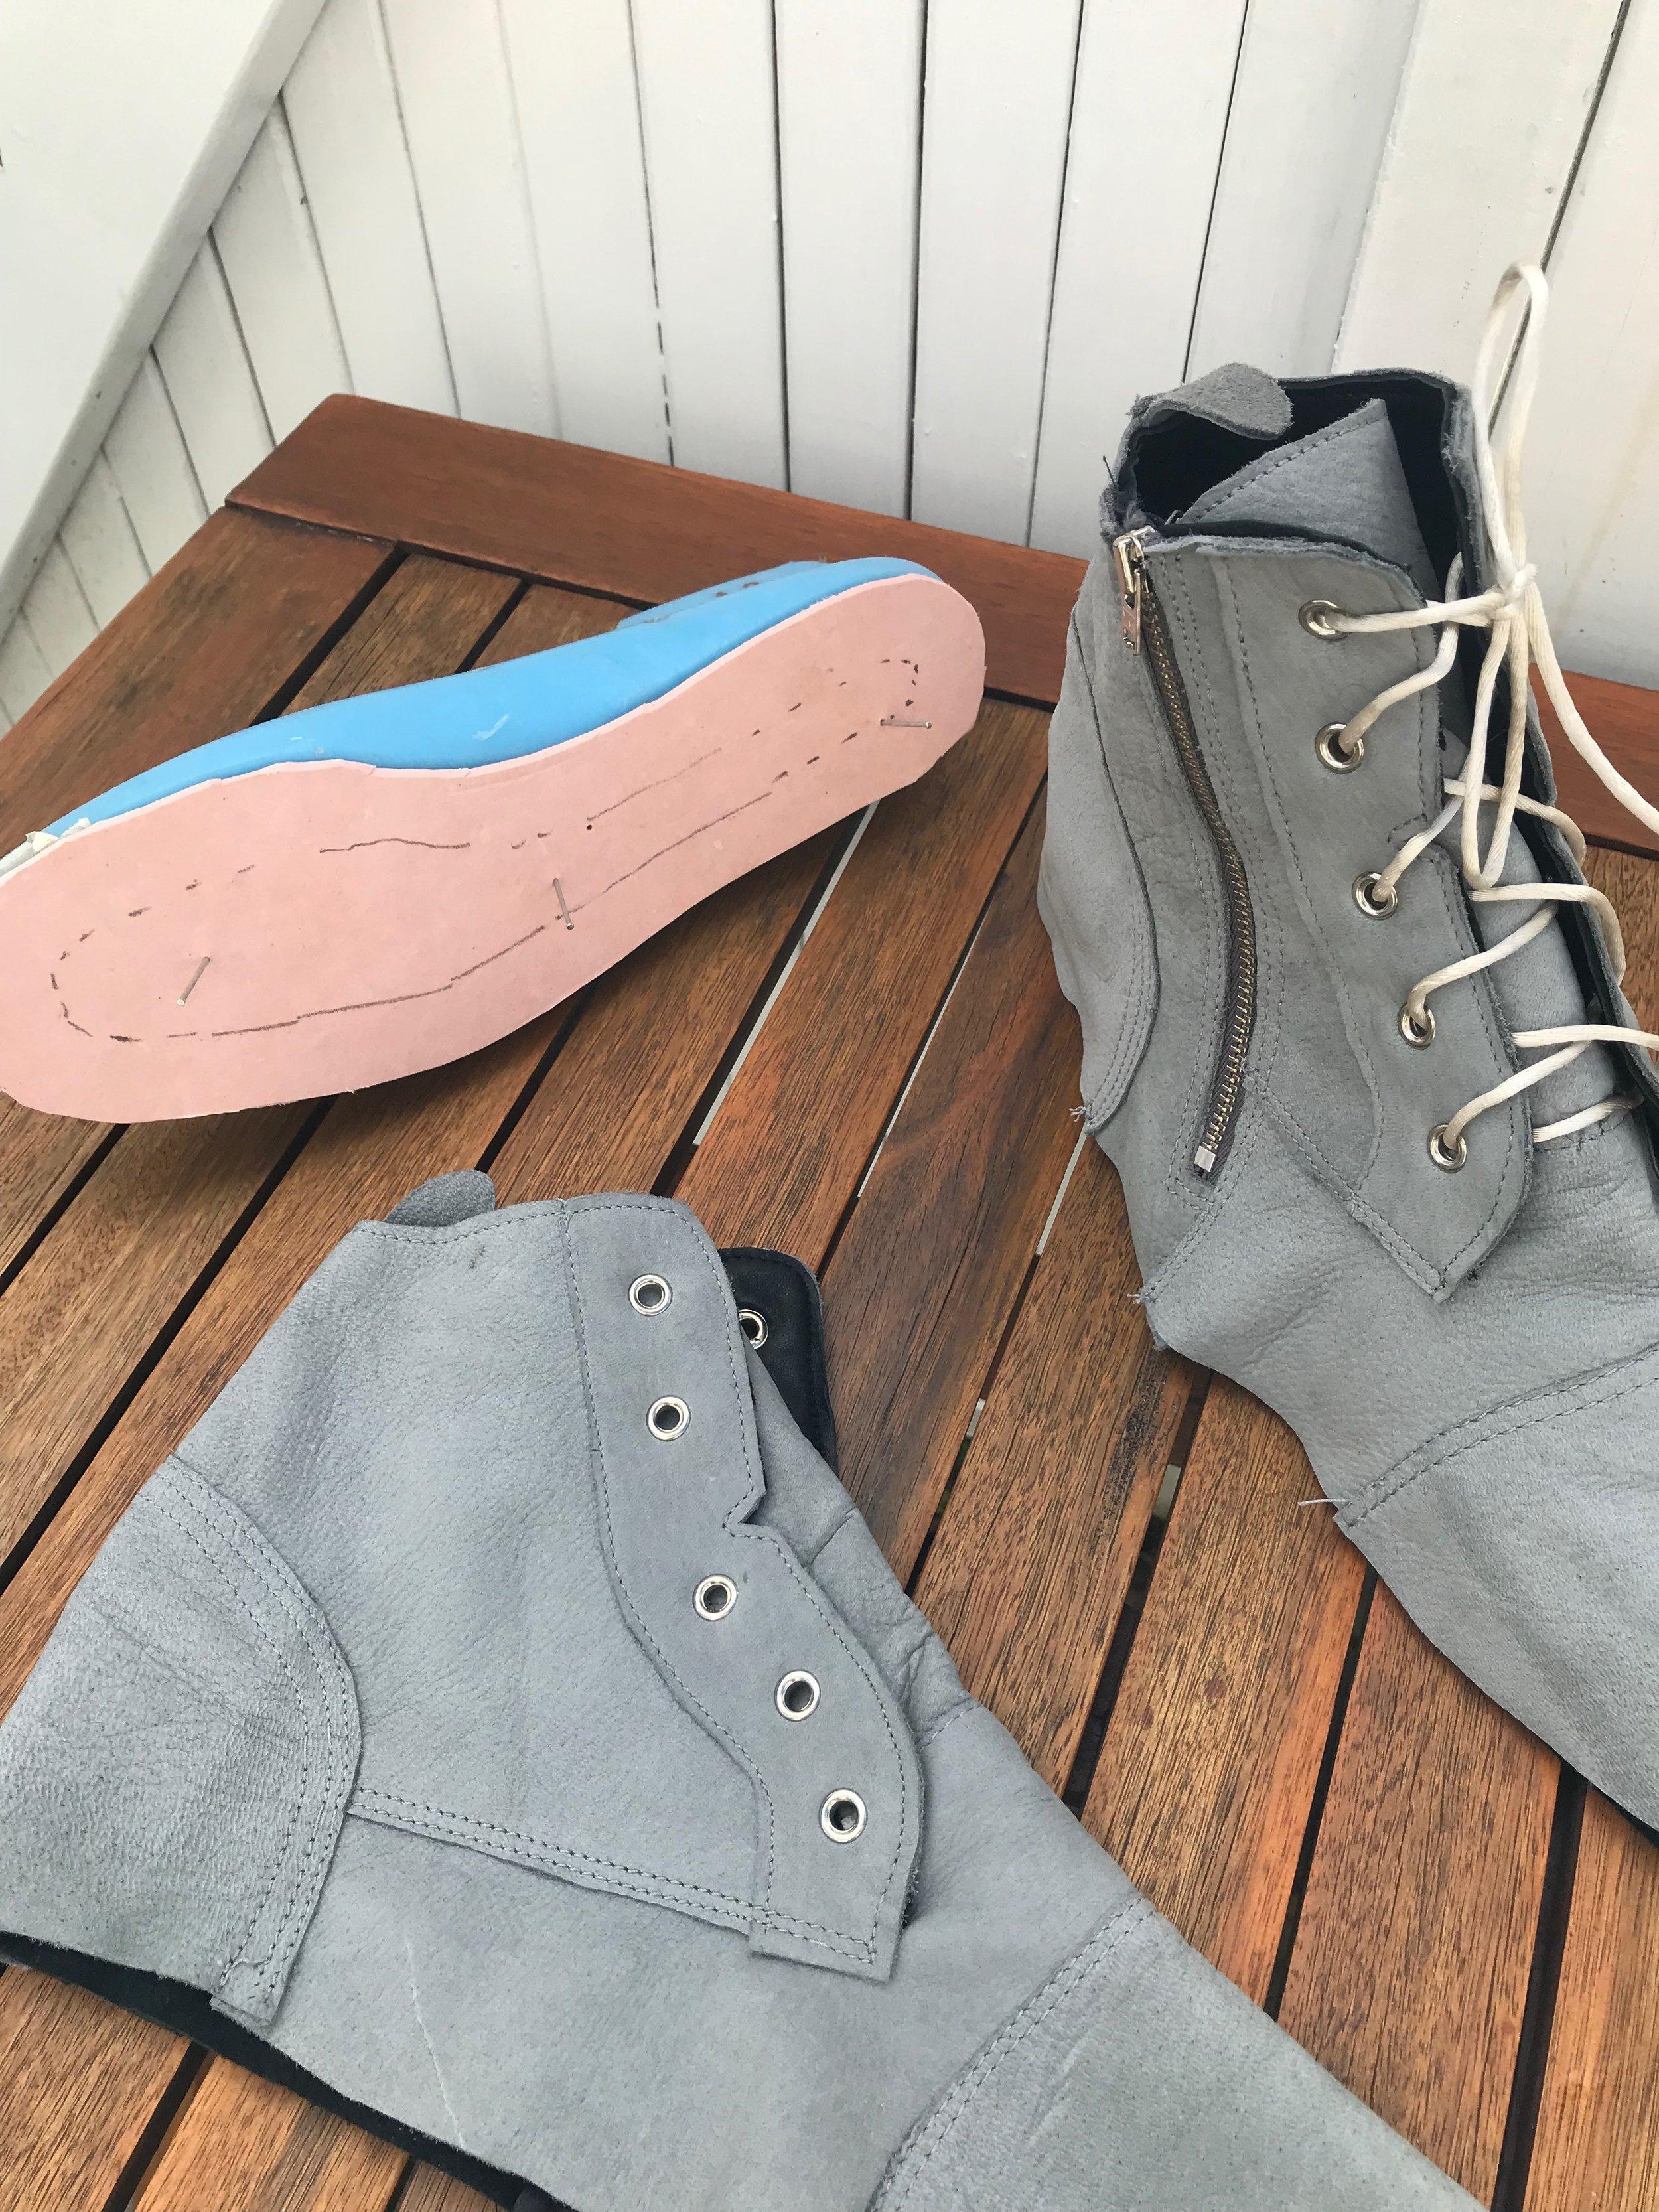 shoe last insole board